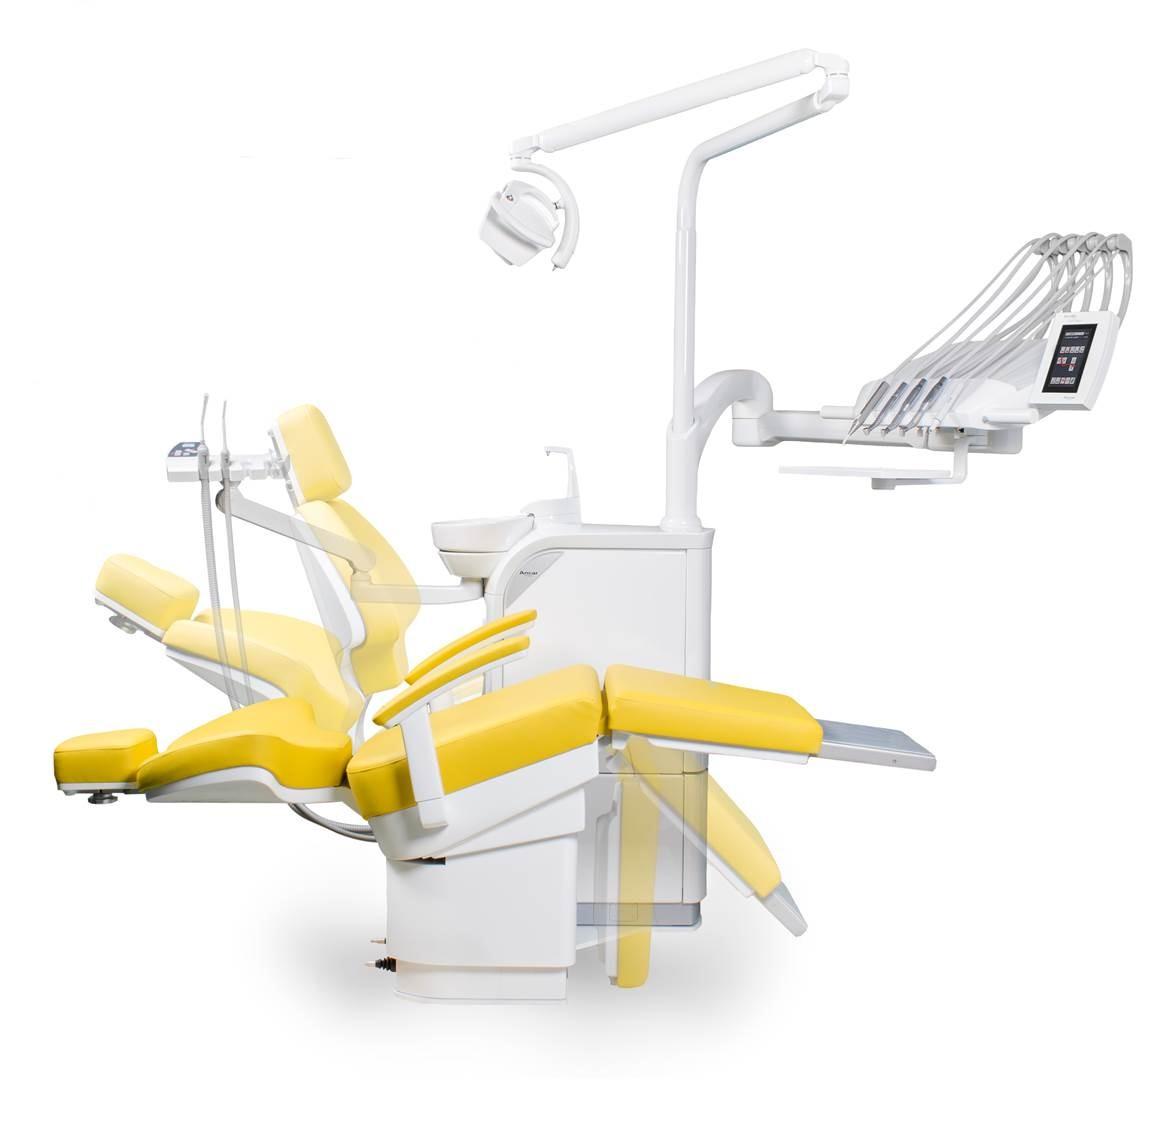 SD-730 Patientenstuhl S7 + SD-300 (hier mit Schwingbügeln)